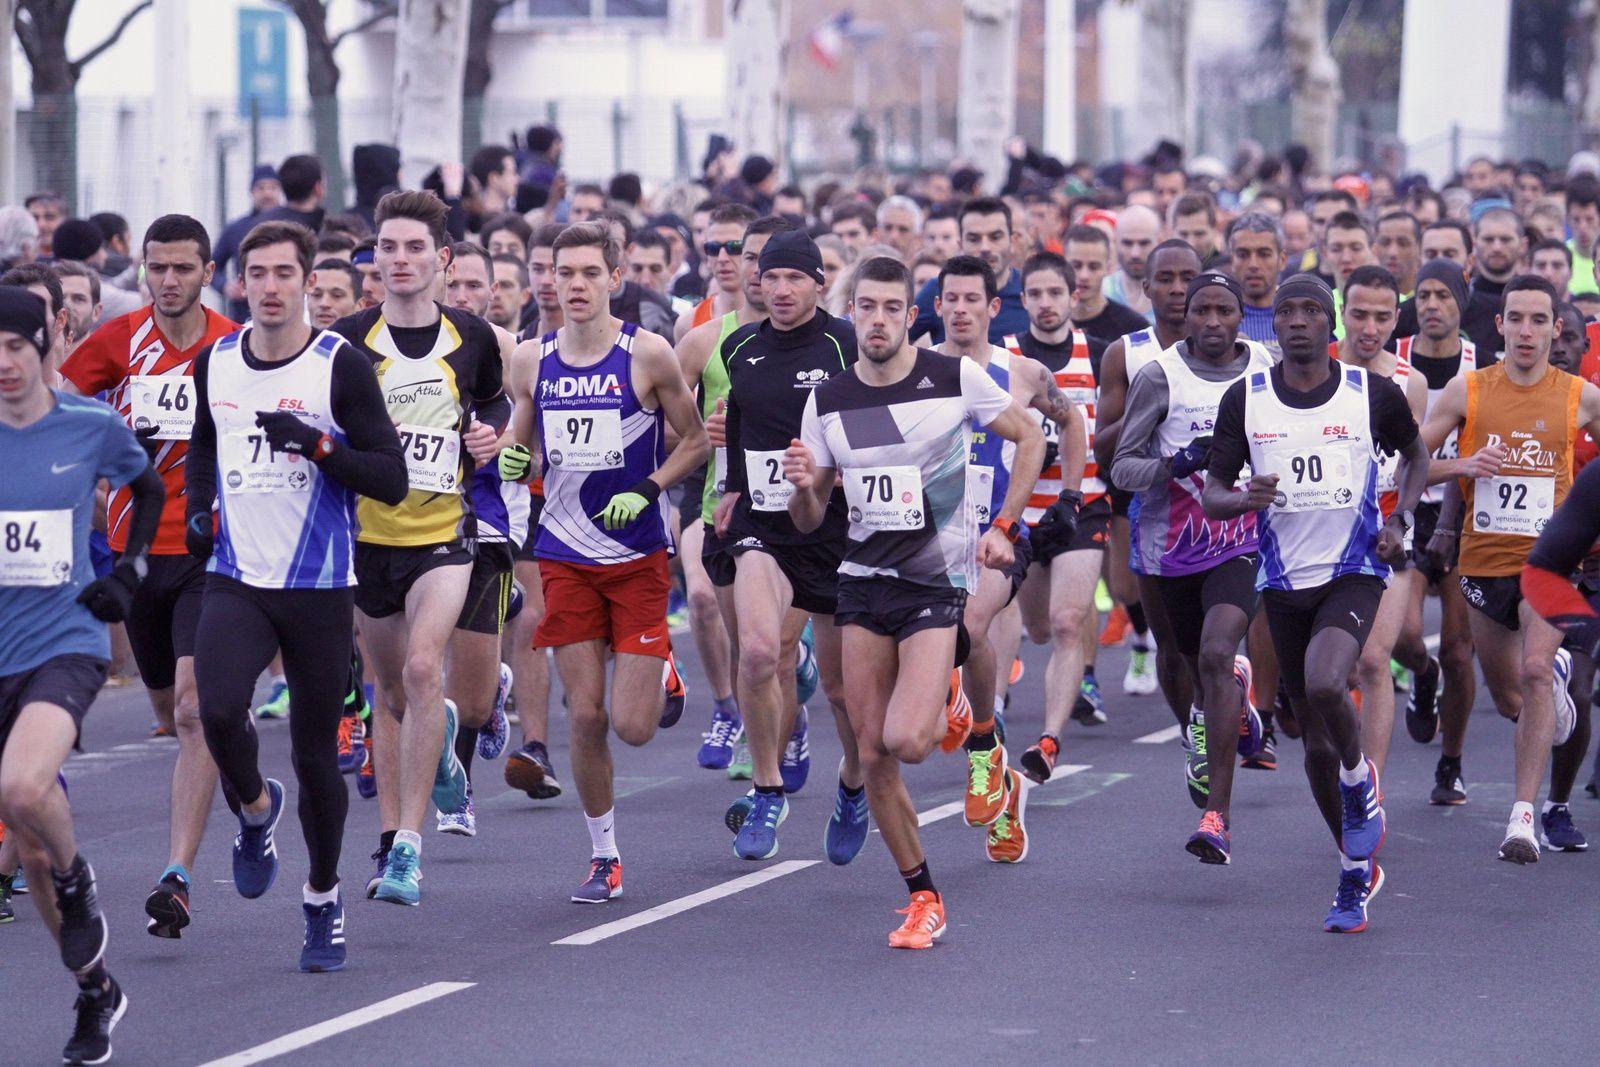 Près de 1700 coureurs ont été classés dans les 4 épreuves de la 38e Foulée Vénissiane